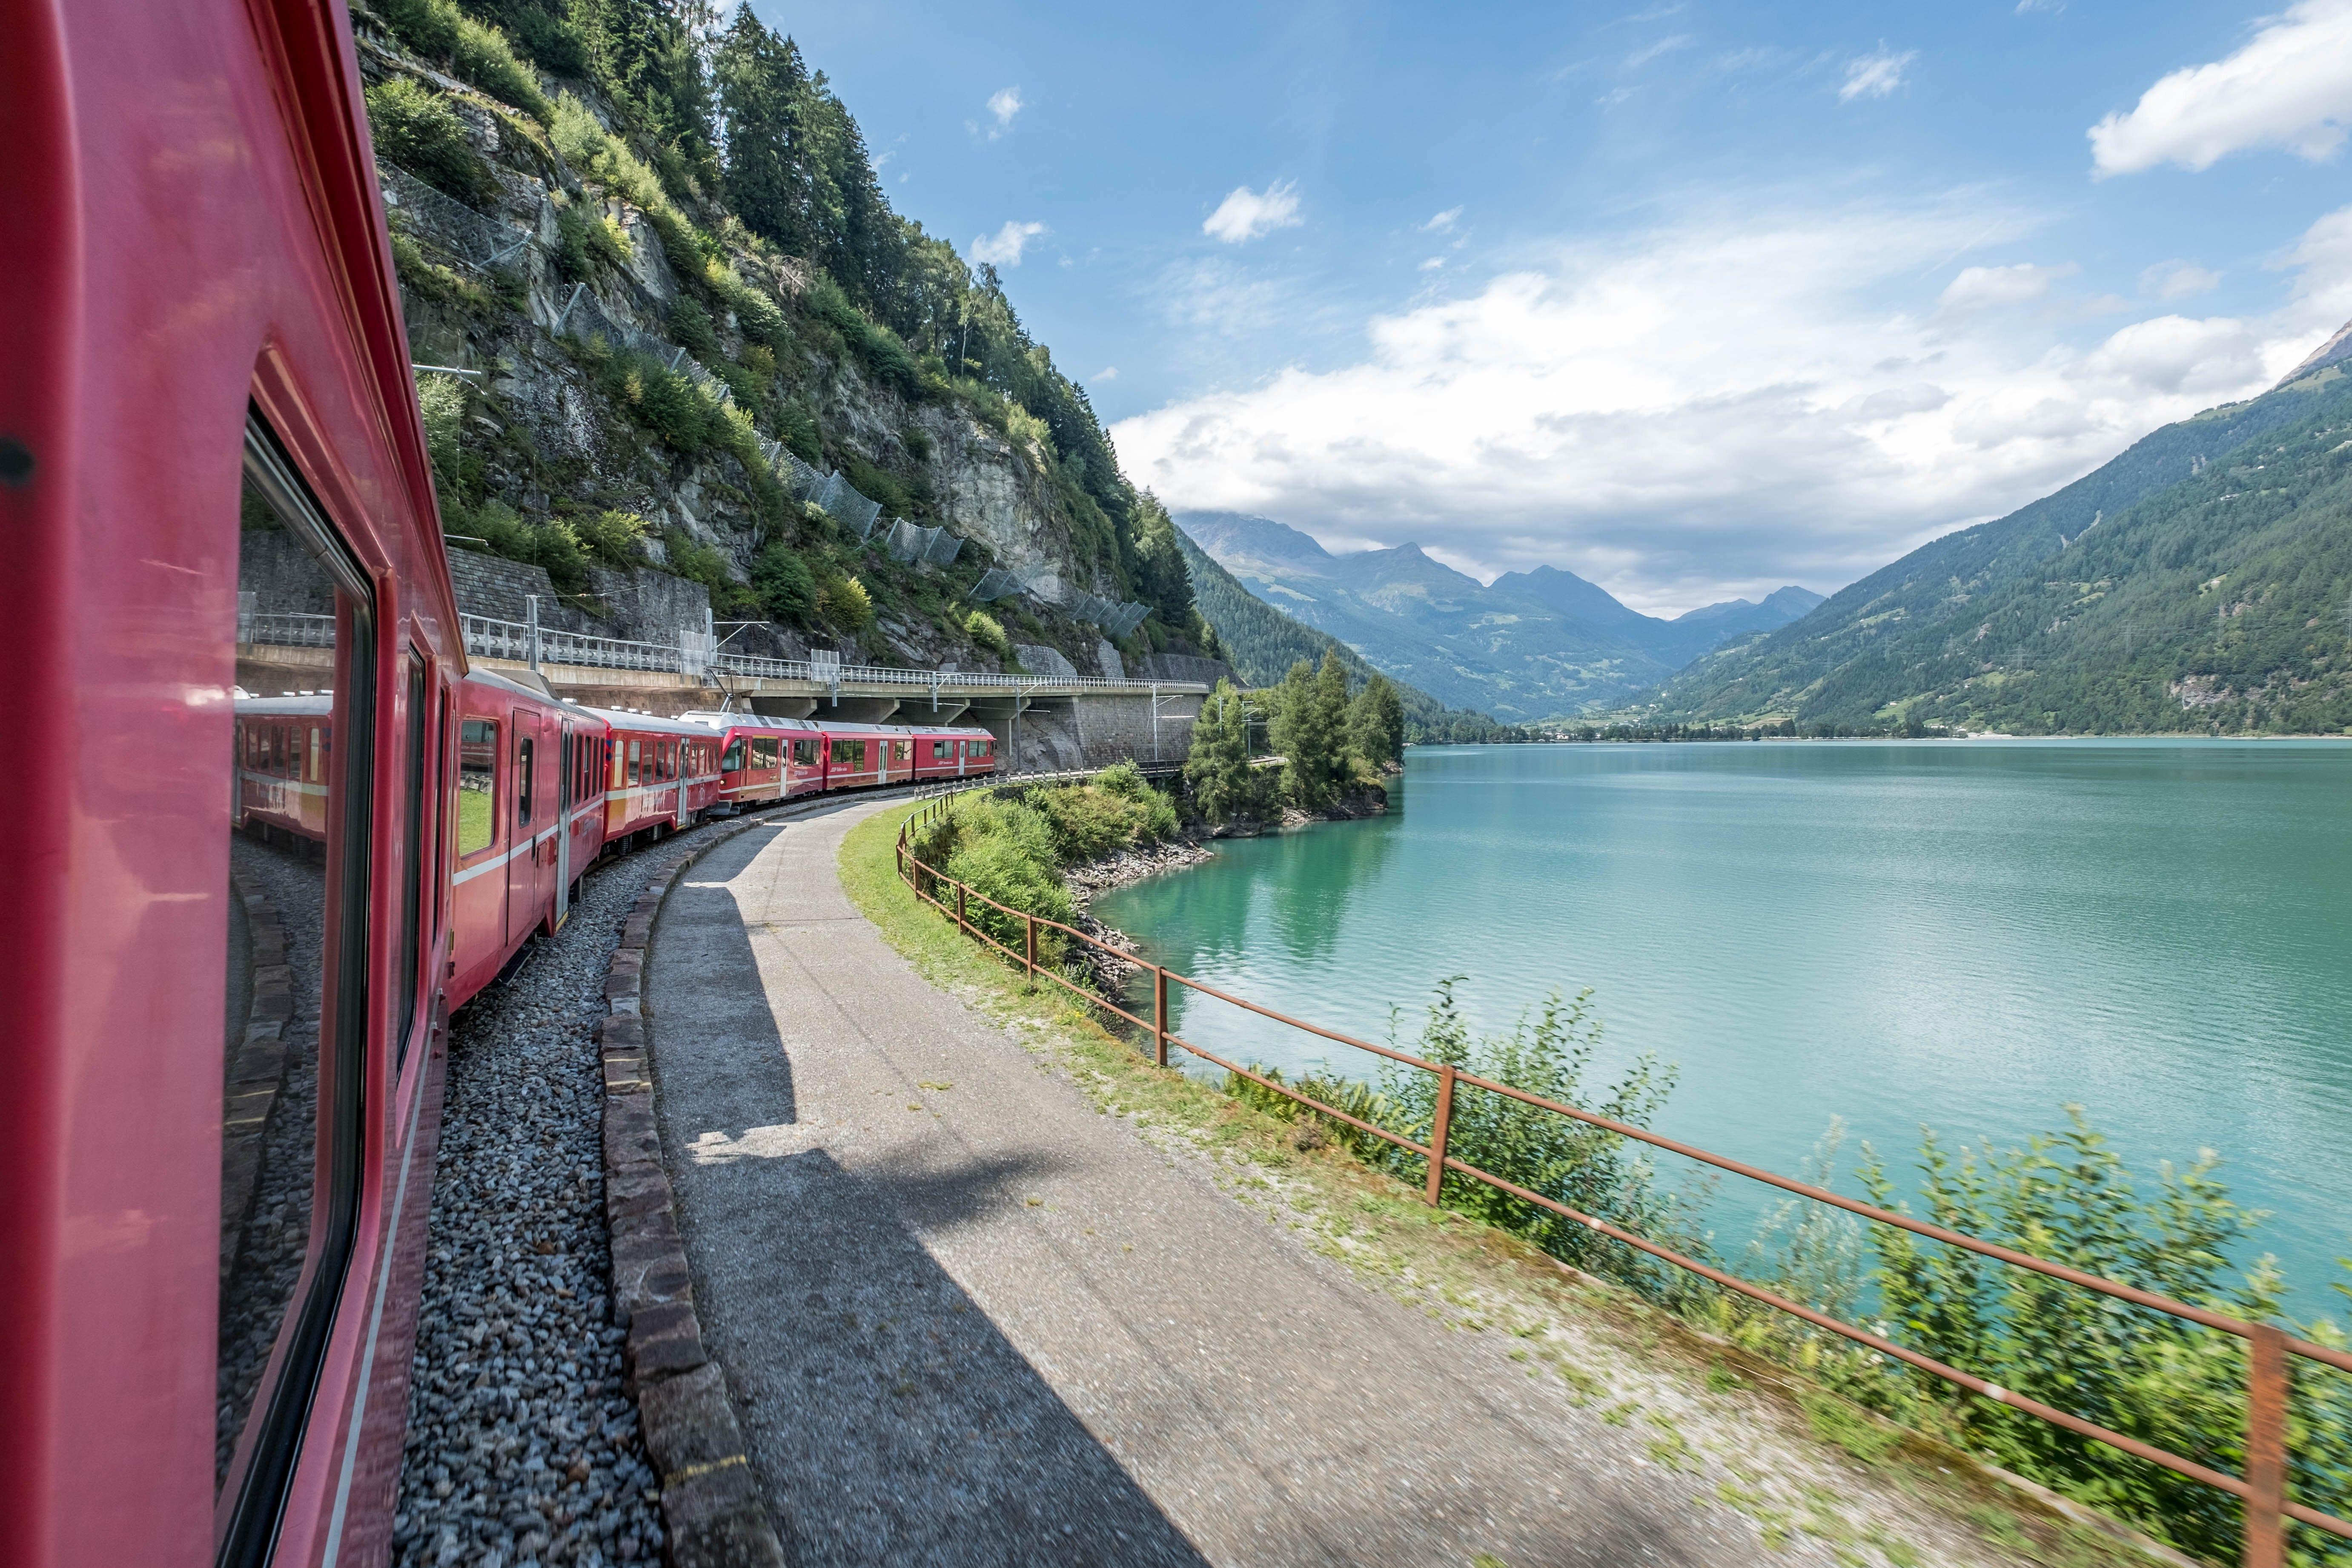 train and a lake